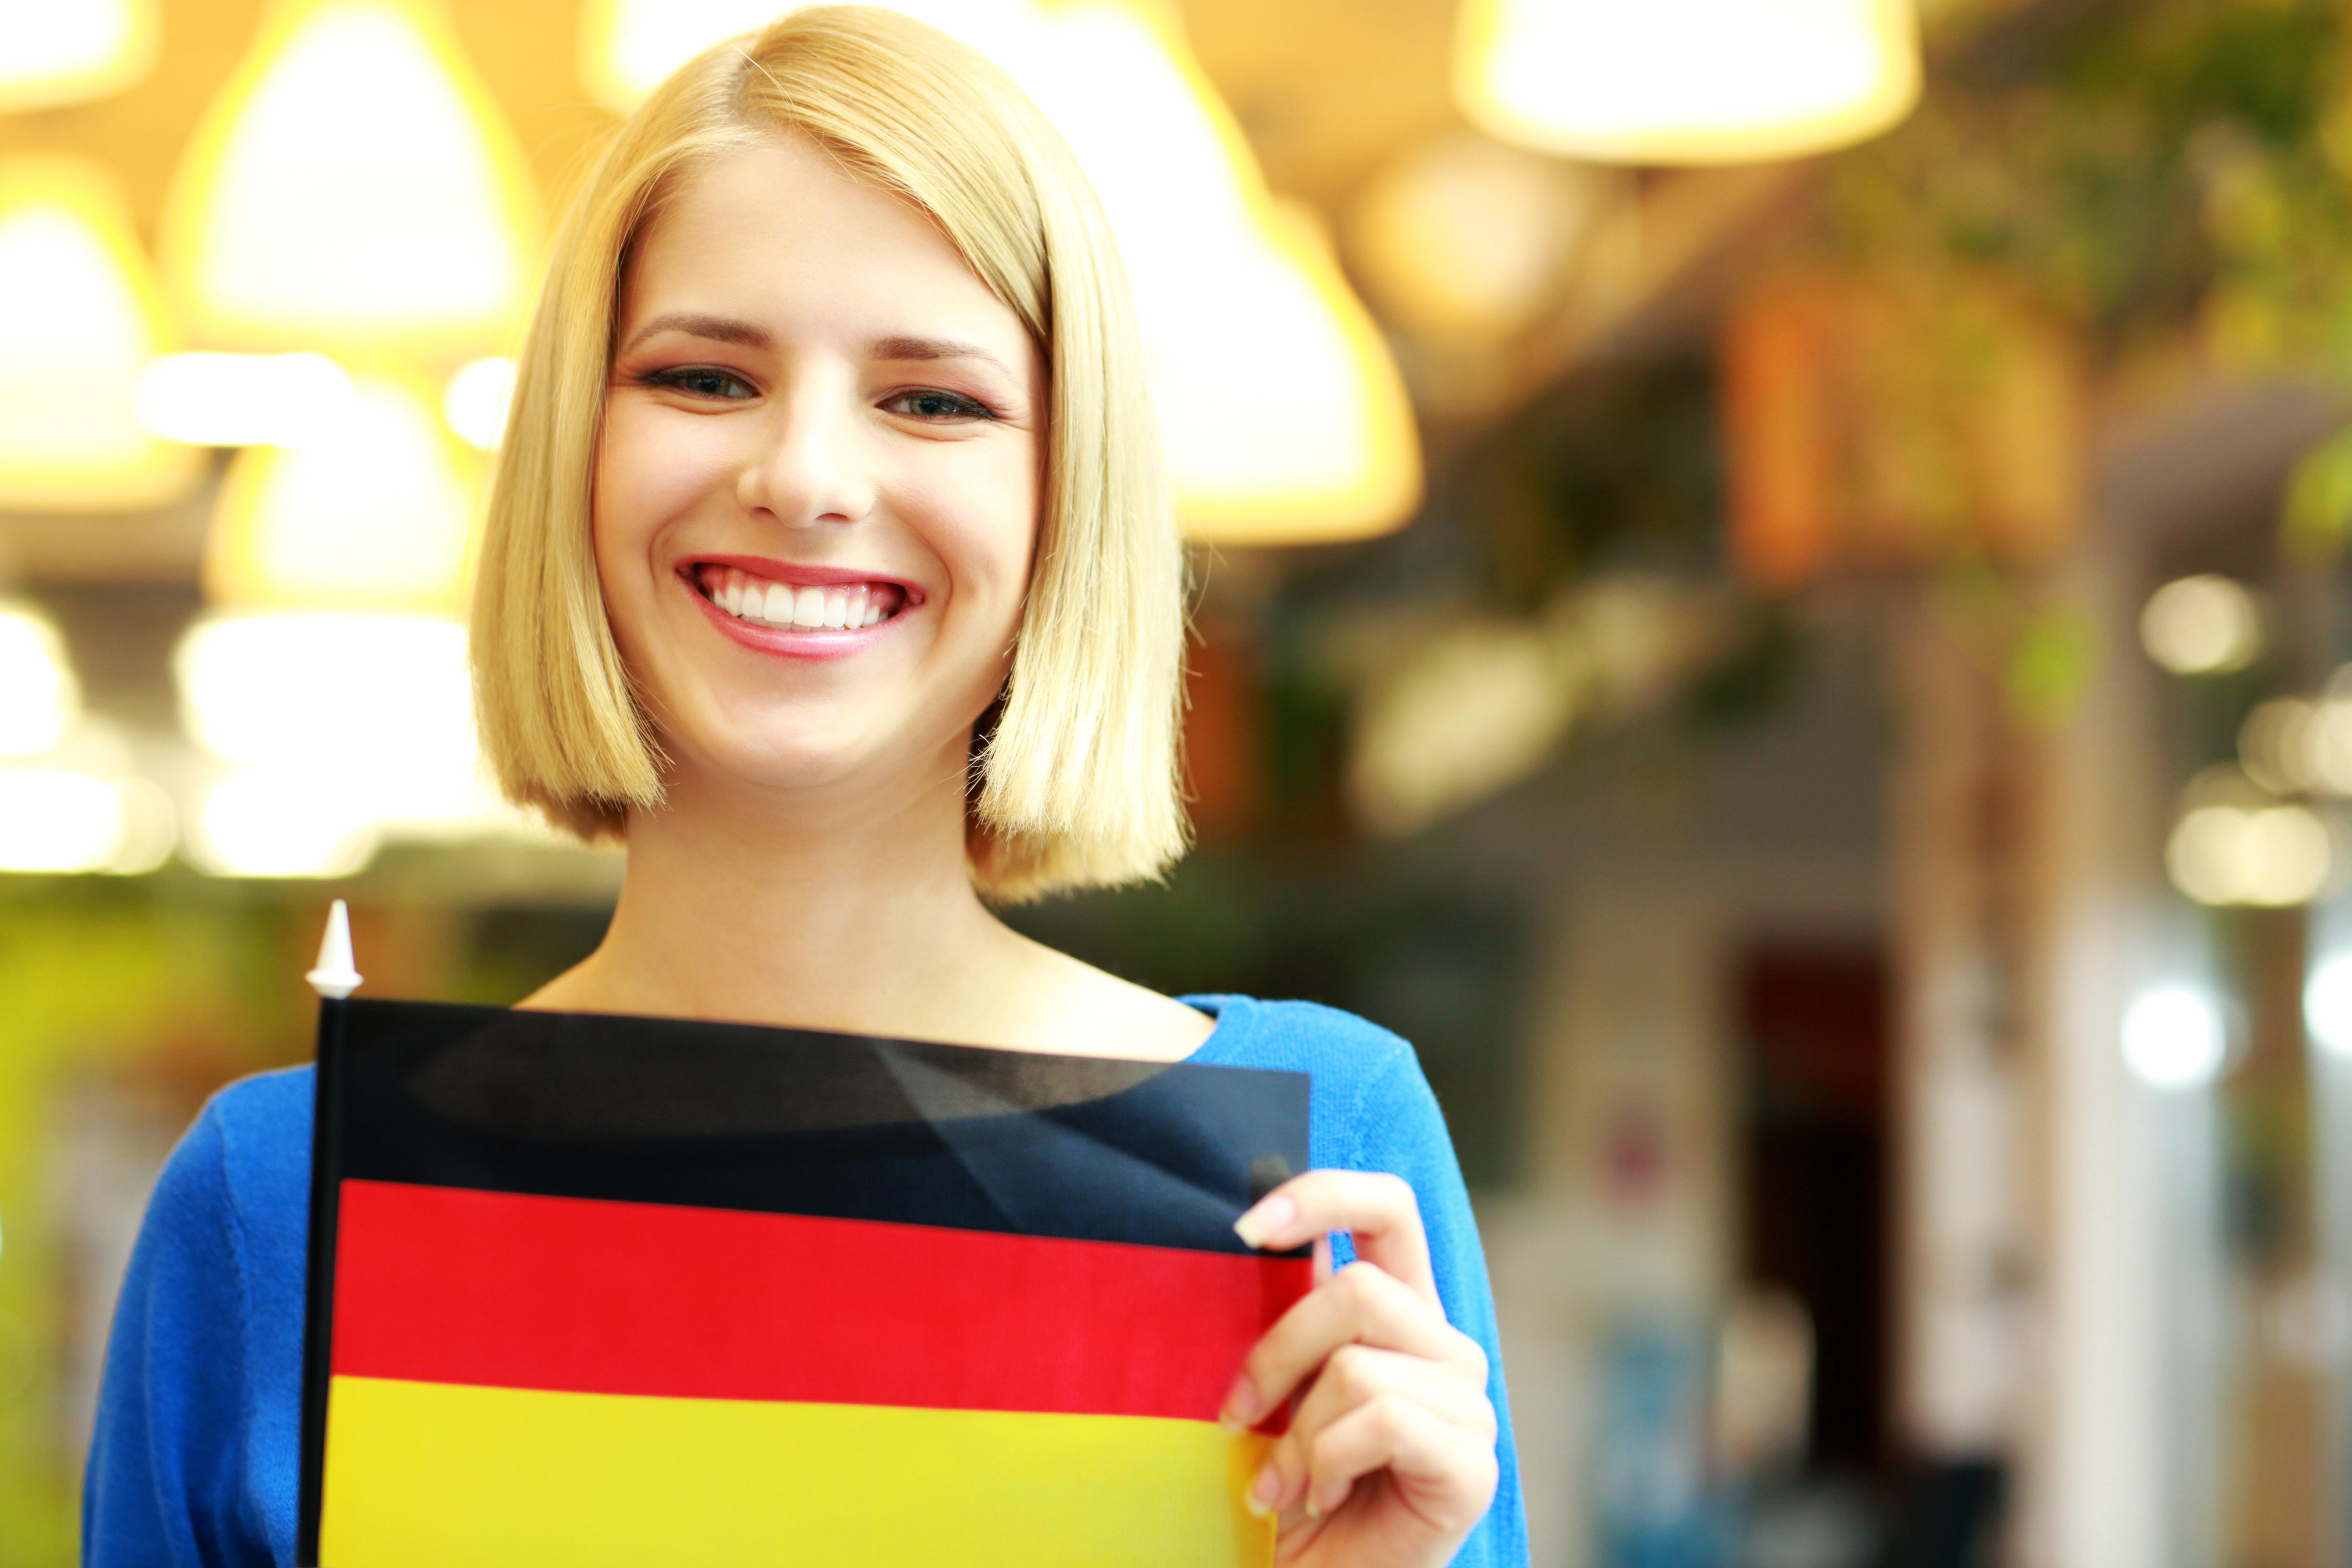 Девушка с флагом Германии, где студенческую визу могут оформить иностранцы